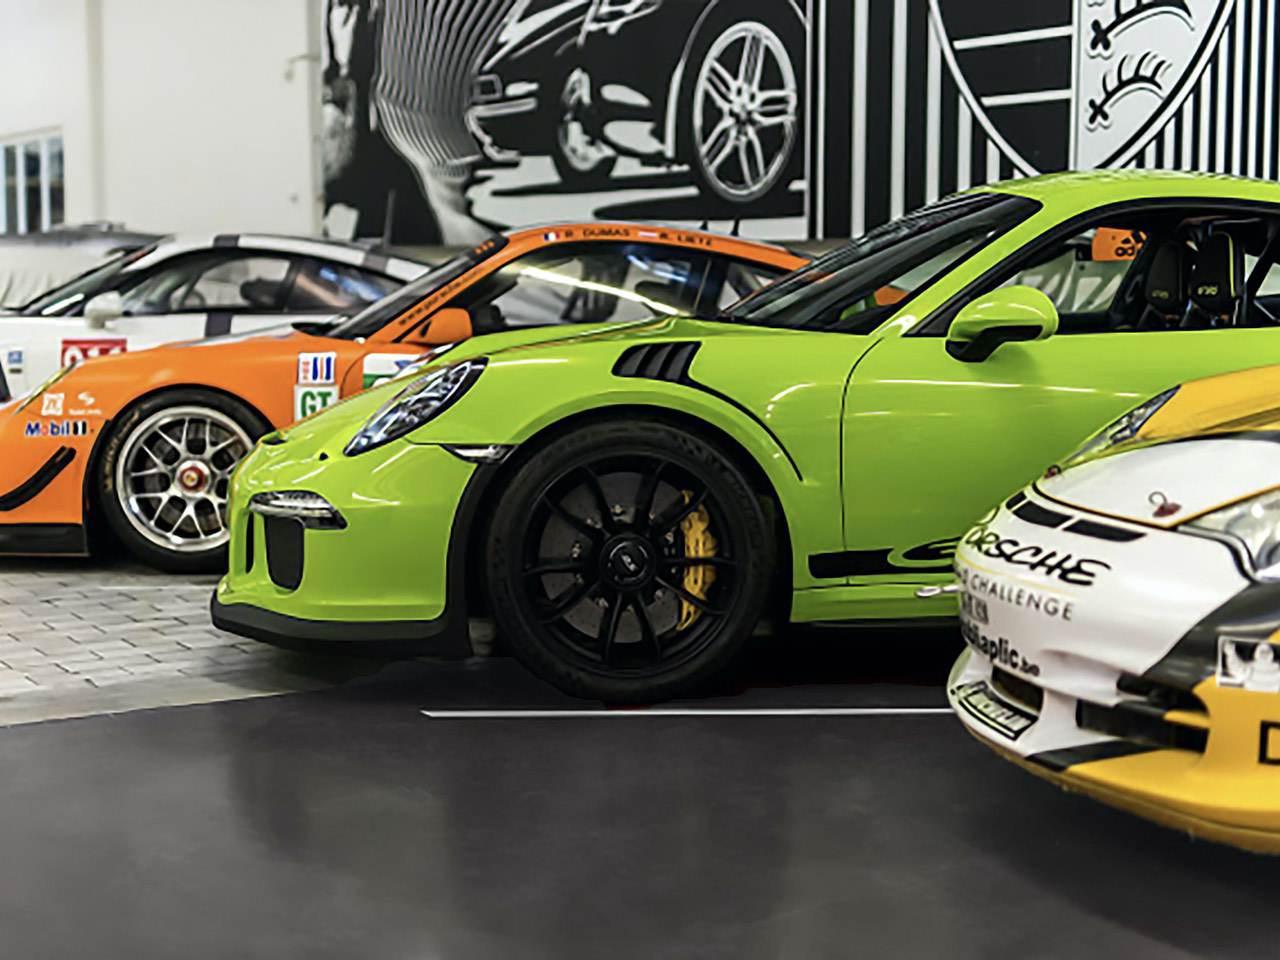 Porsche-911-991-GT3-RS-4